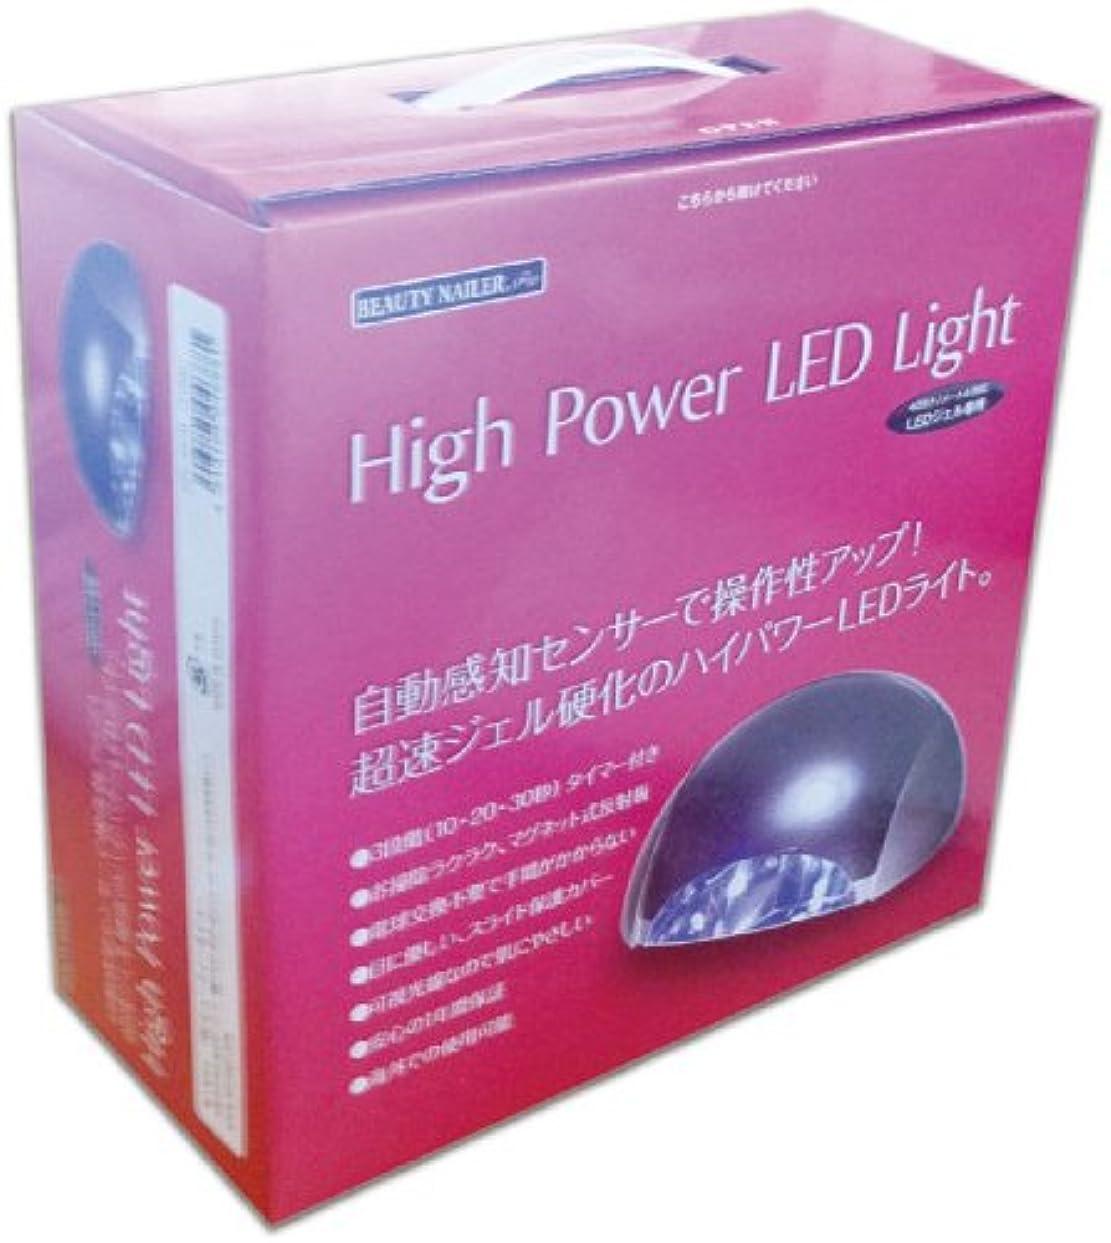 養うボーカルボーカルビューティーネイラー ハイパワーLEDライト HPL-40GB パールブラック